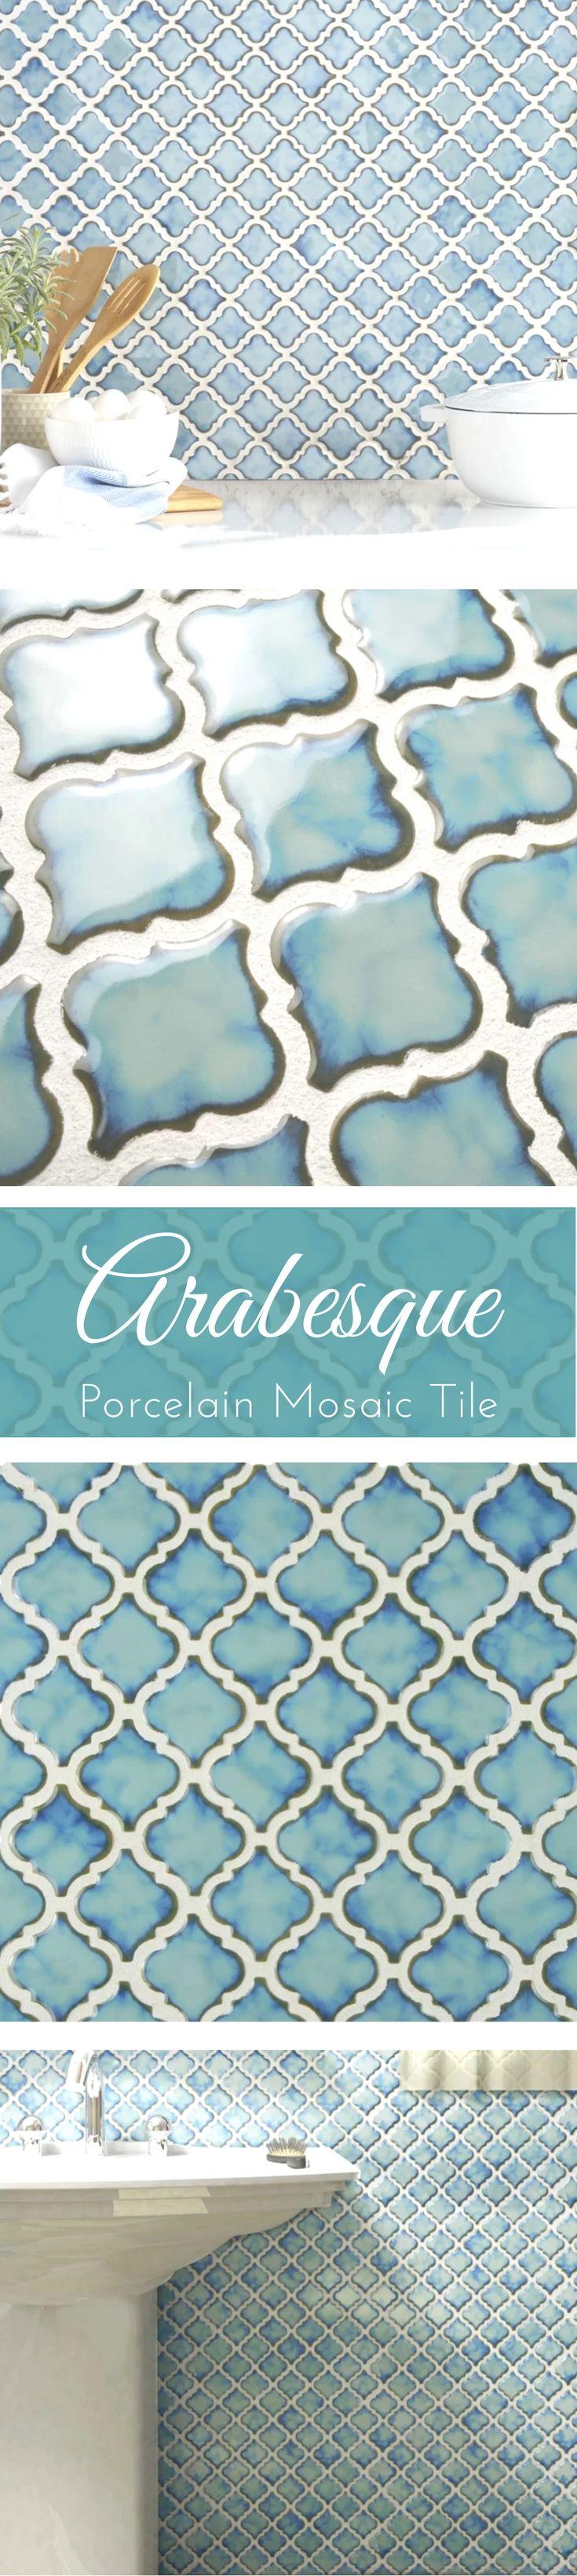 Arabesque Porcelain Mosaic Tile in Teal | Bathroom Tile | Kitchen Backsplash | #affiliate #bathroomdesign #tile #backsplash #flooring #kitchendesign  #mosaic